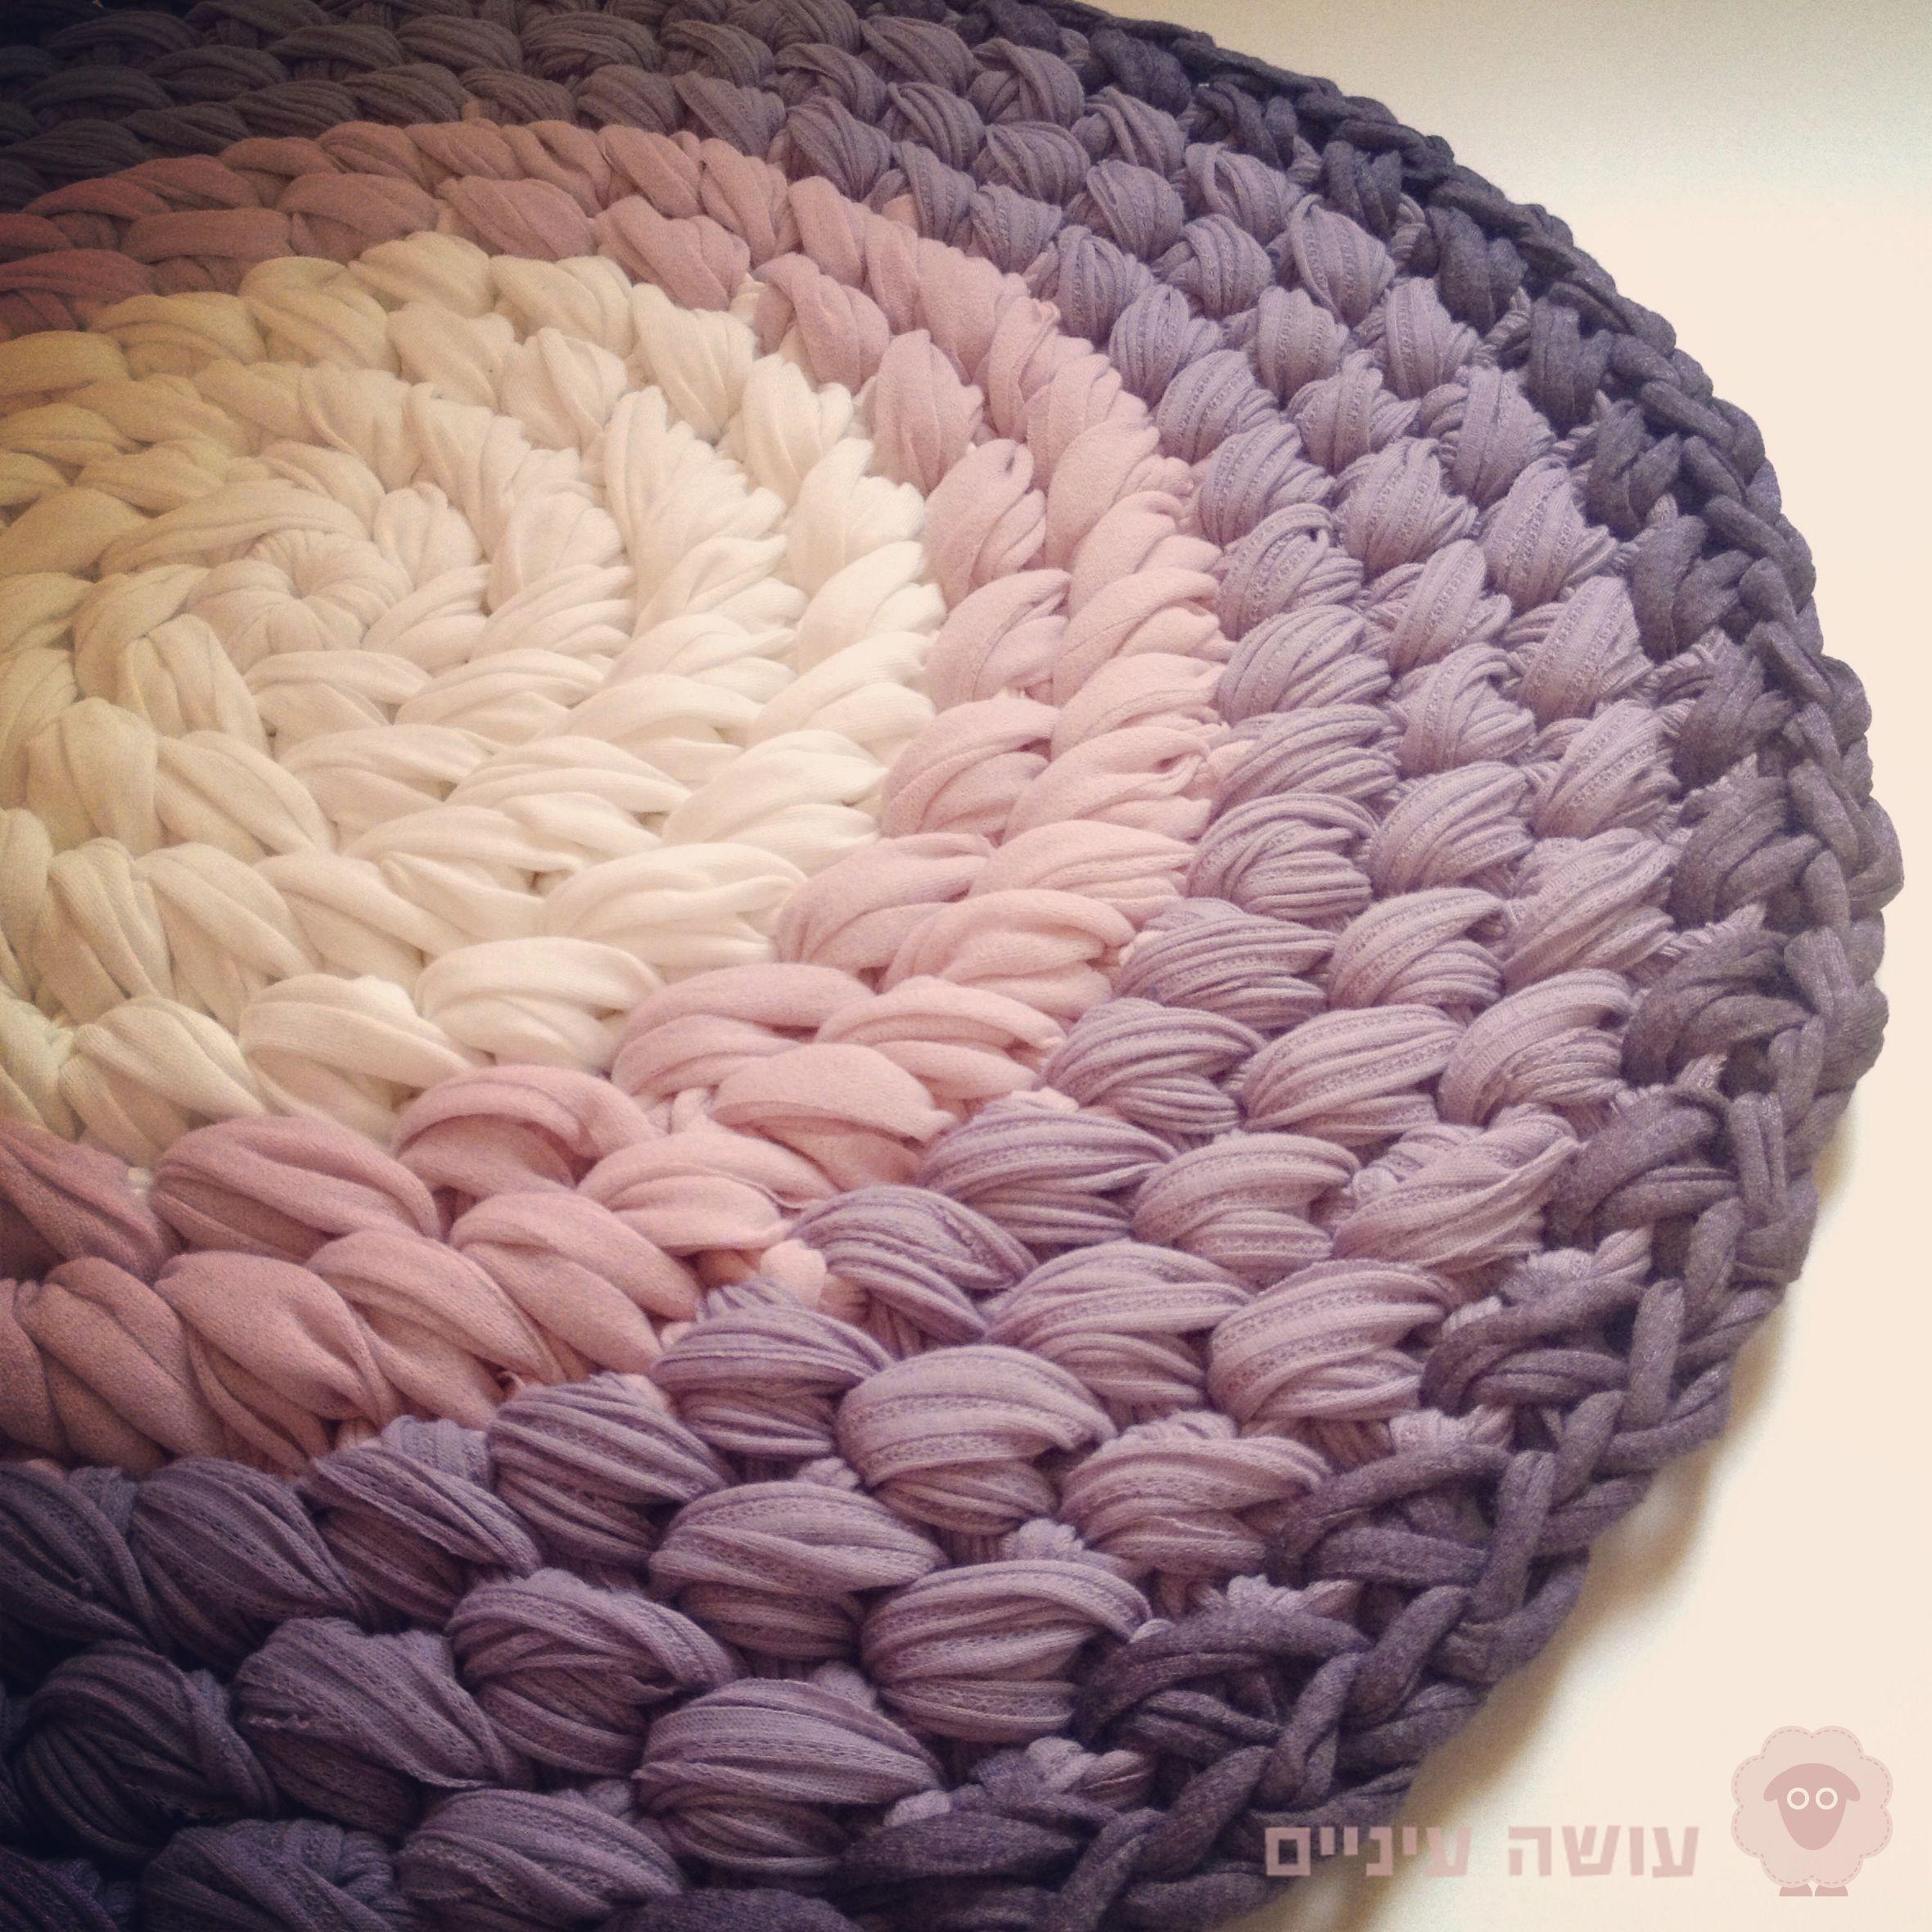 Pin von Brittani Dixon auf diy craft | Pinterest | Handarbeiten ...